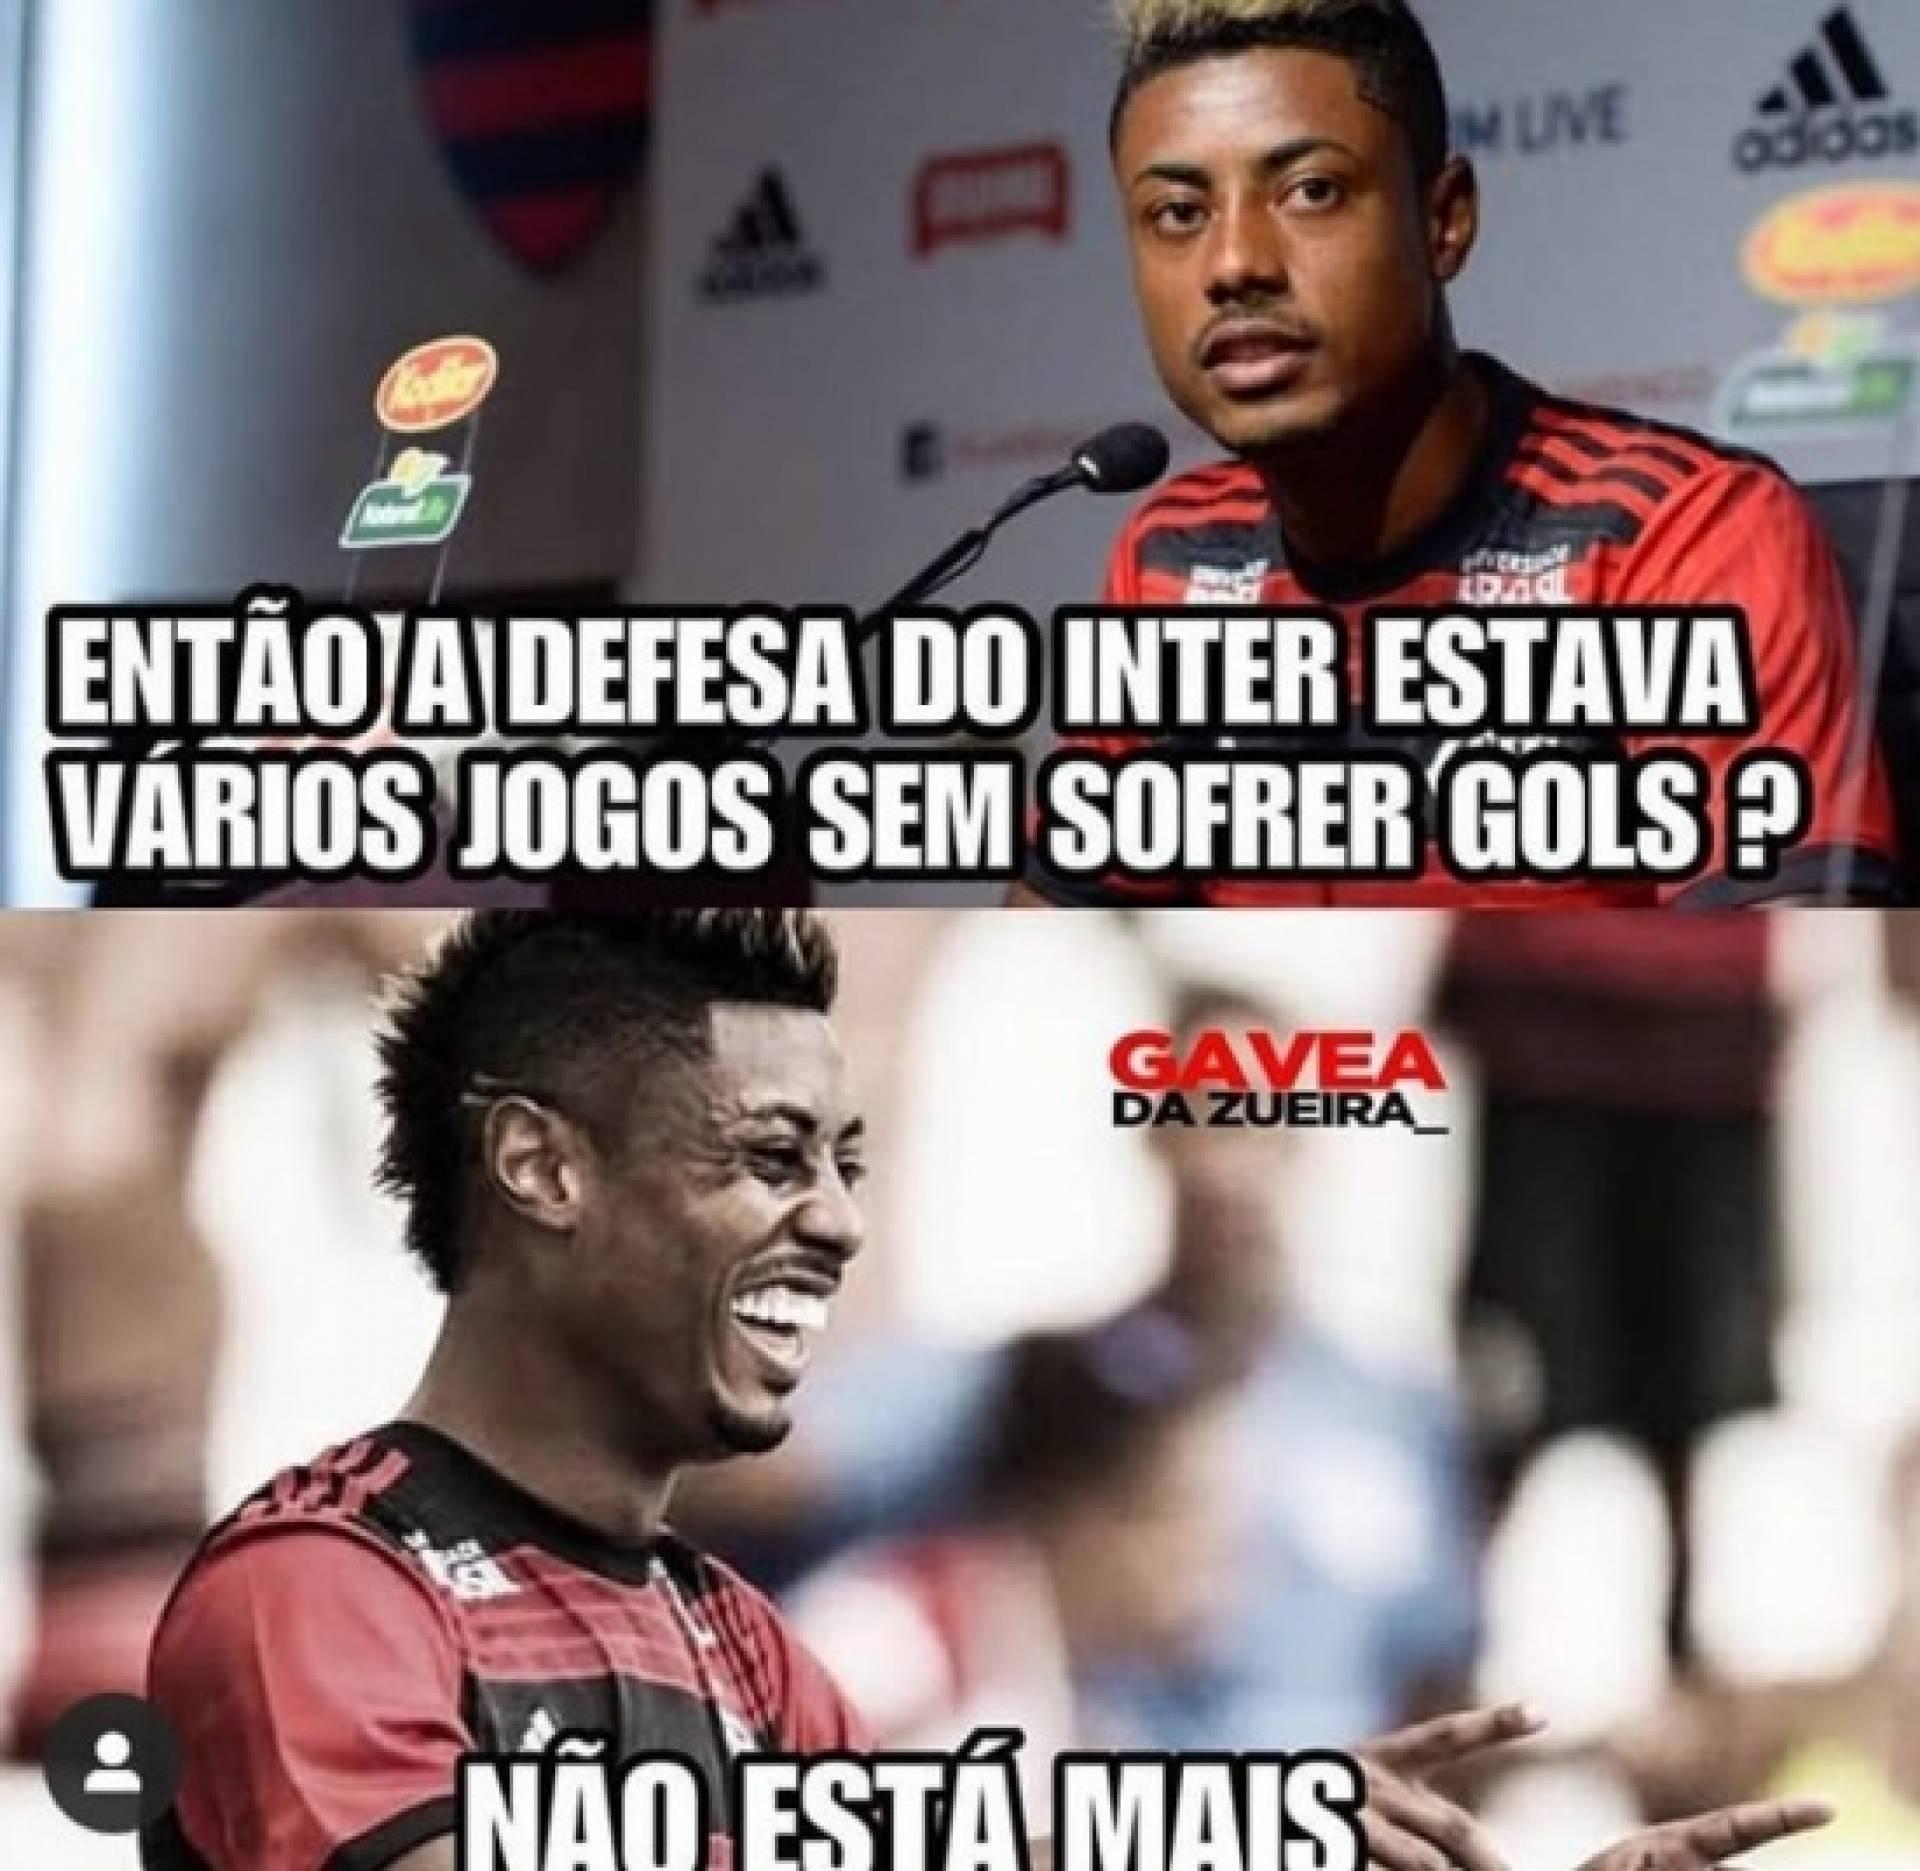 Torcedores Do Flamengo Tiram Onda Com Vitória Sobre O Inter